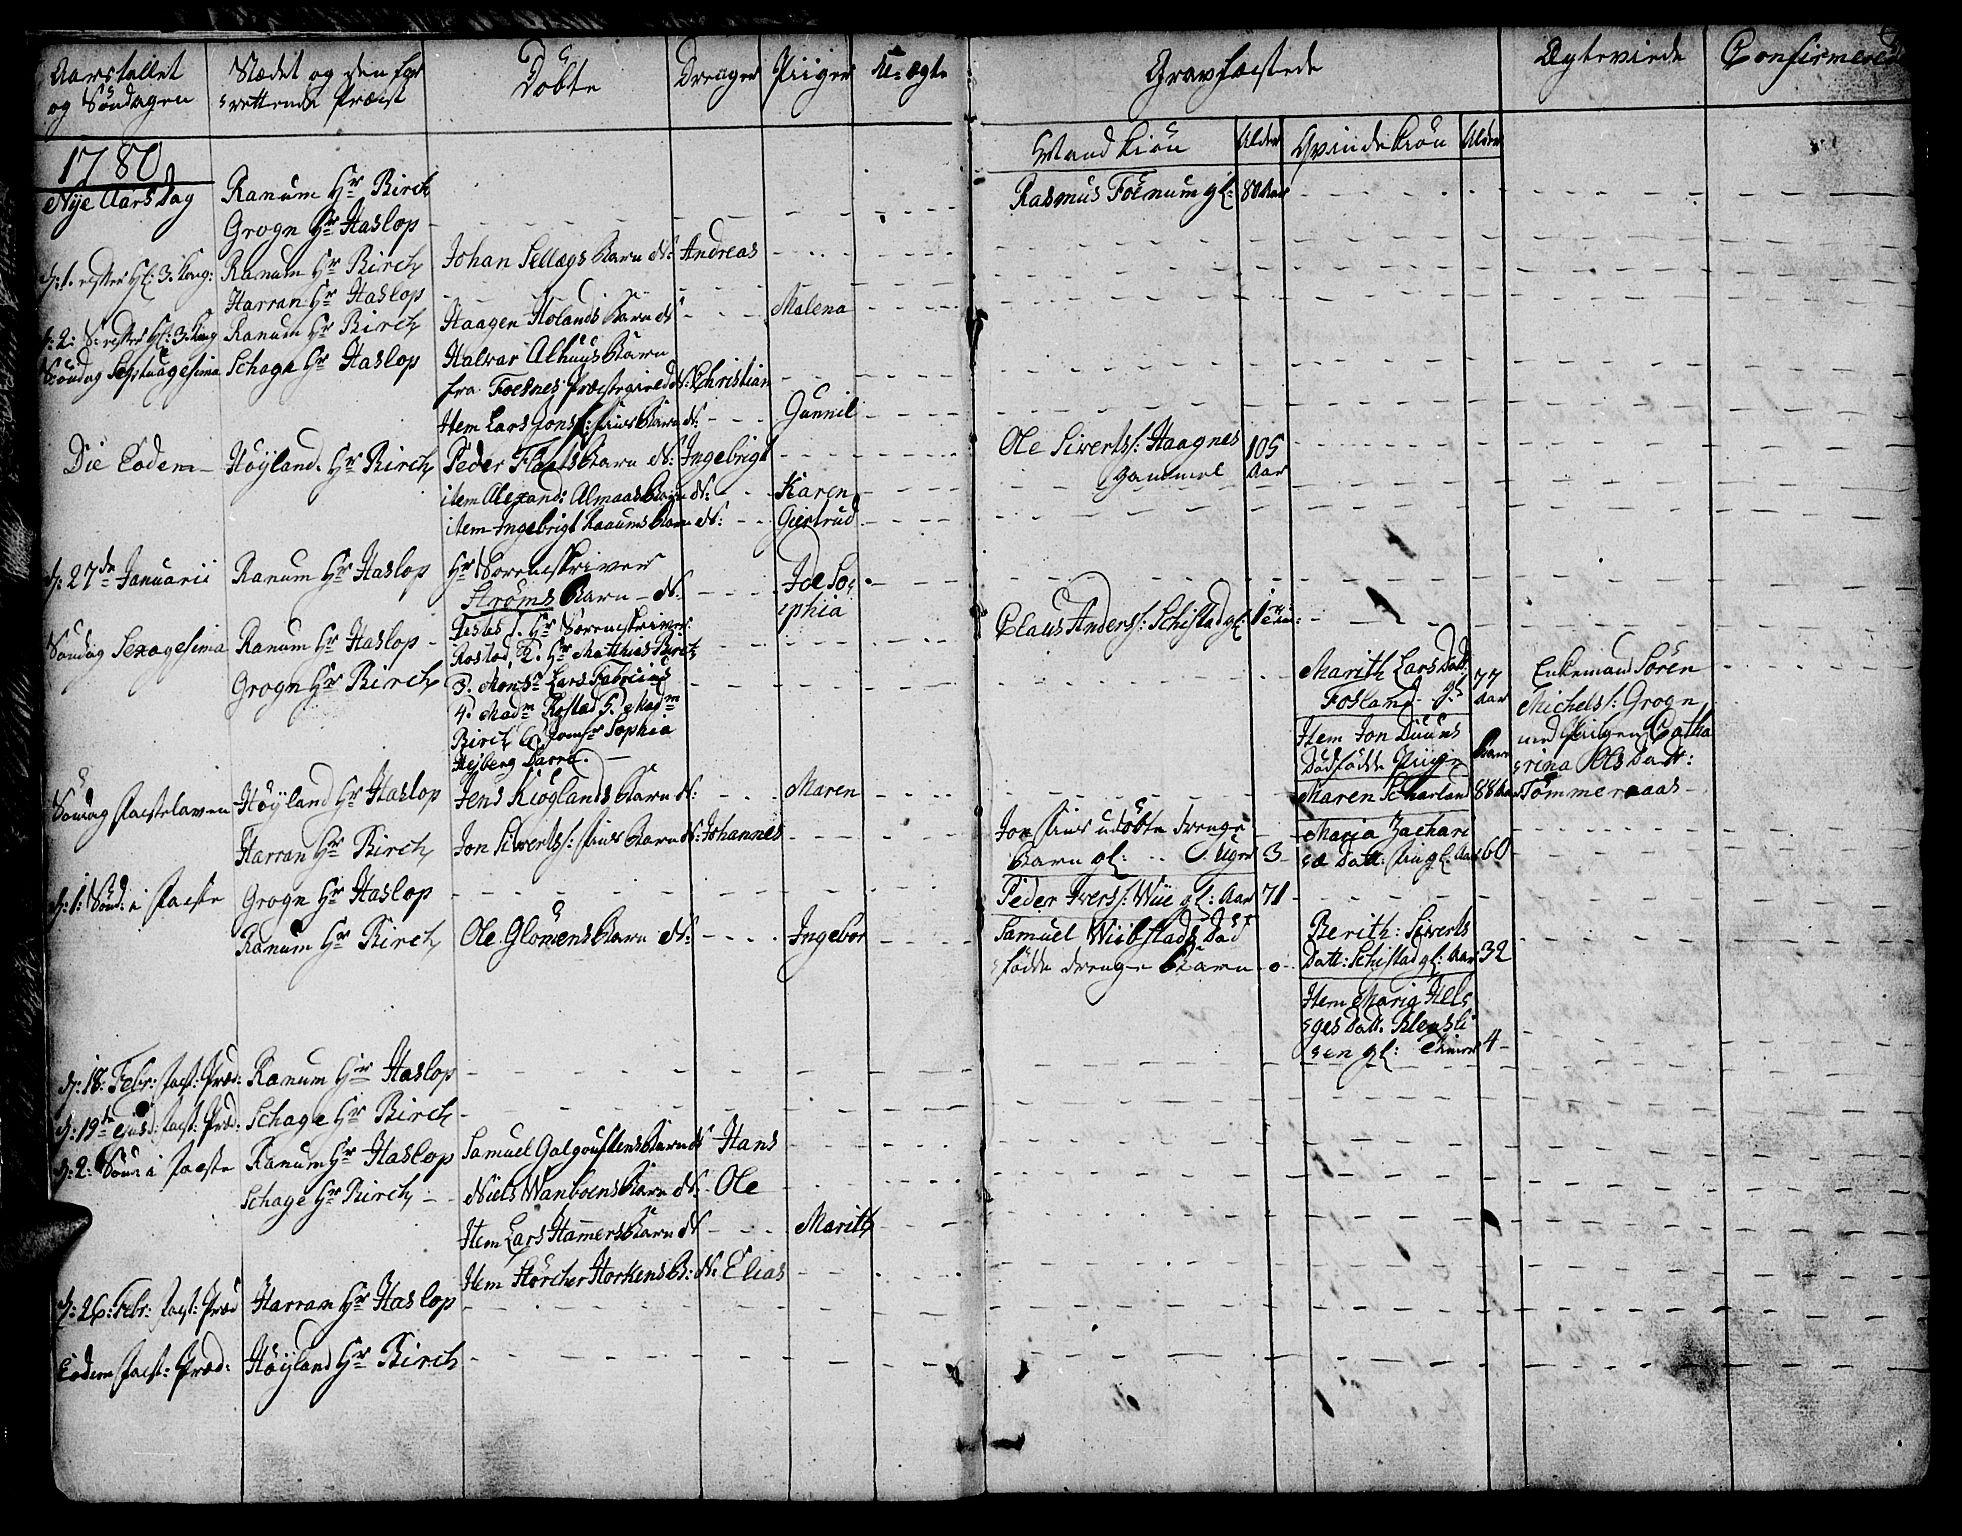 SAT, Ministerialprotokoller, klokkerbøker og fødselsregistre - Nord-Trøndelag, 764/L0544: Ministerialbok nr. 764A04, 1780-1798, s. 4-5